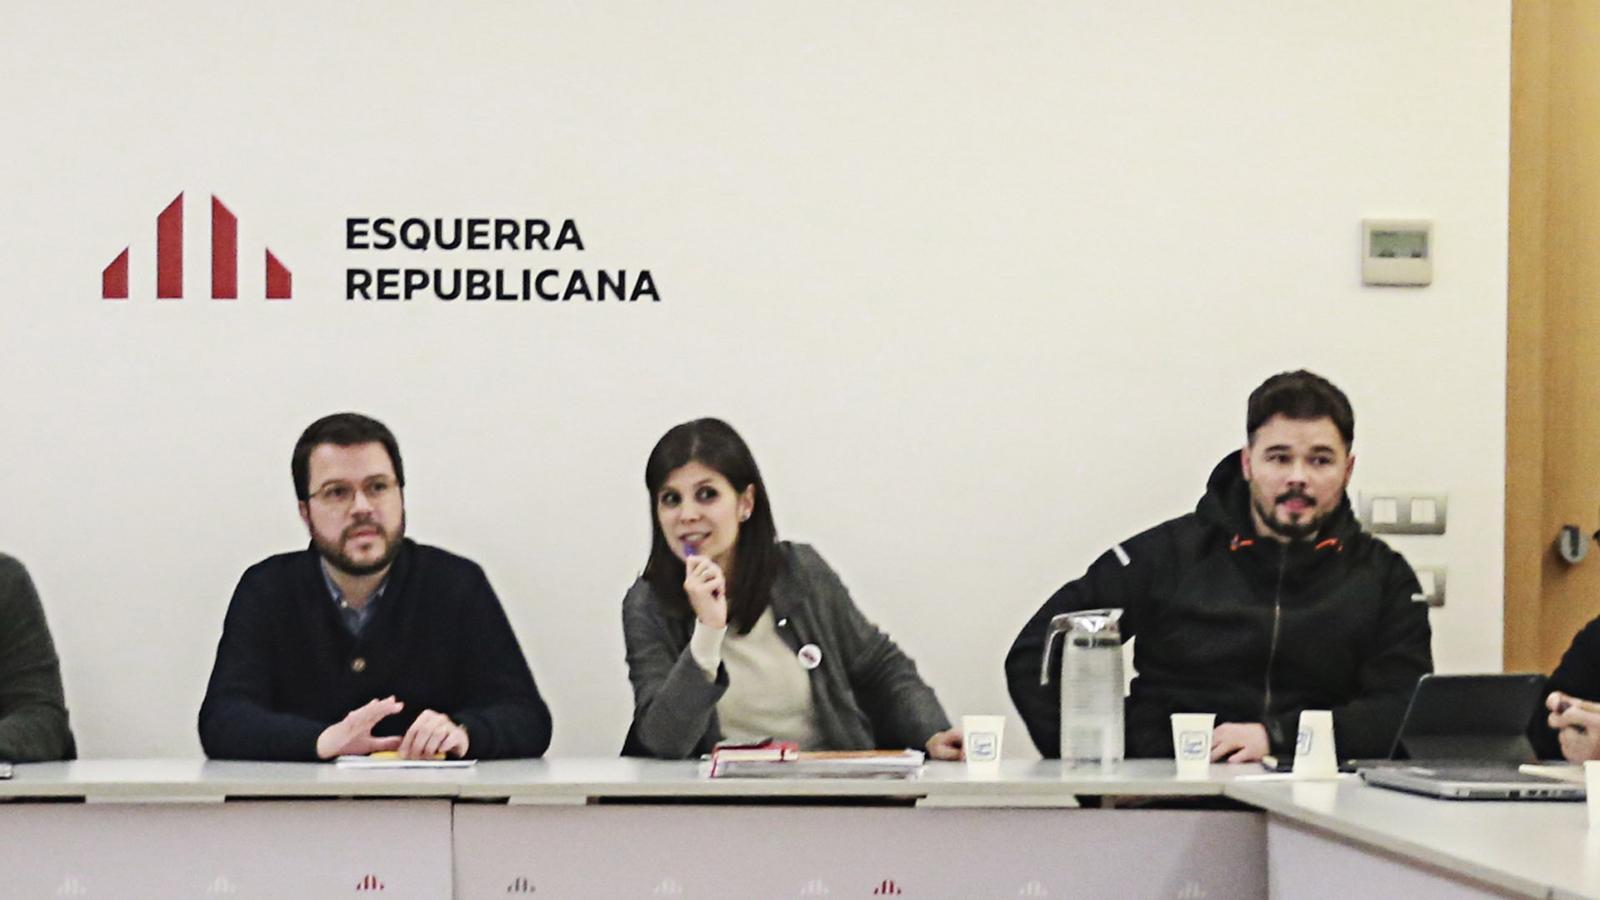 L'anàlisi d'Antoni Bassas: 'O temps de política o temps d'un altre desengany'